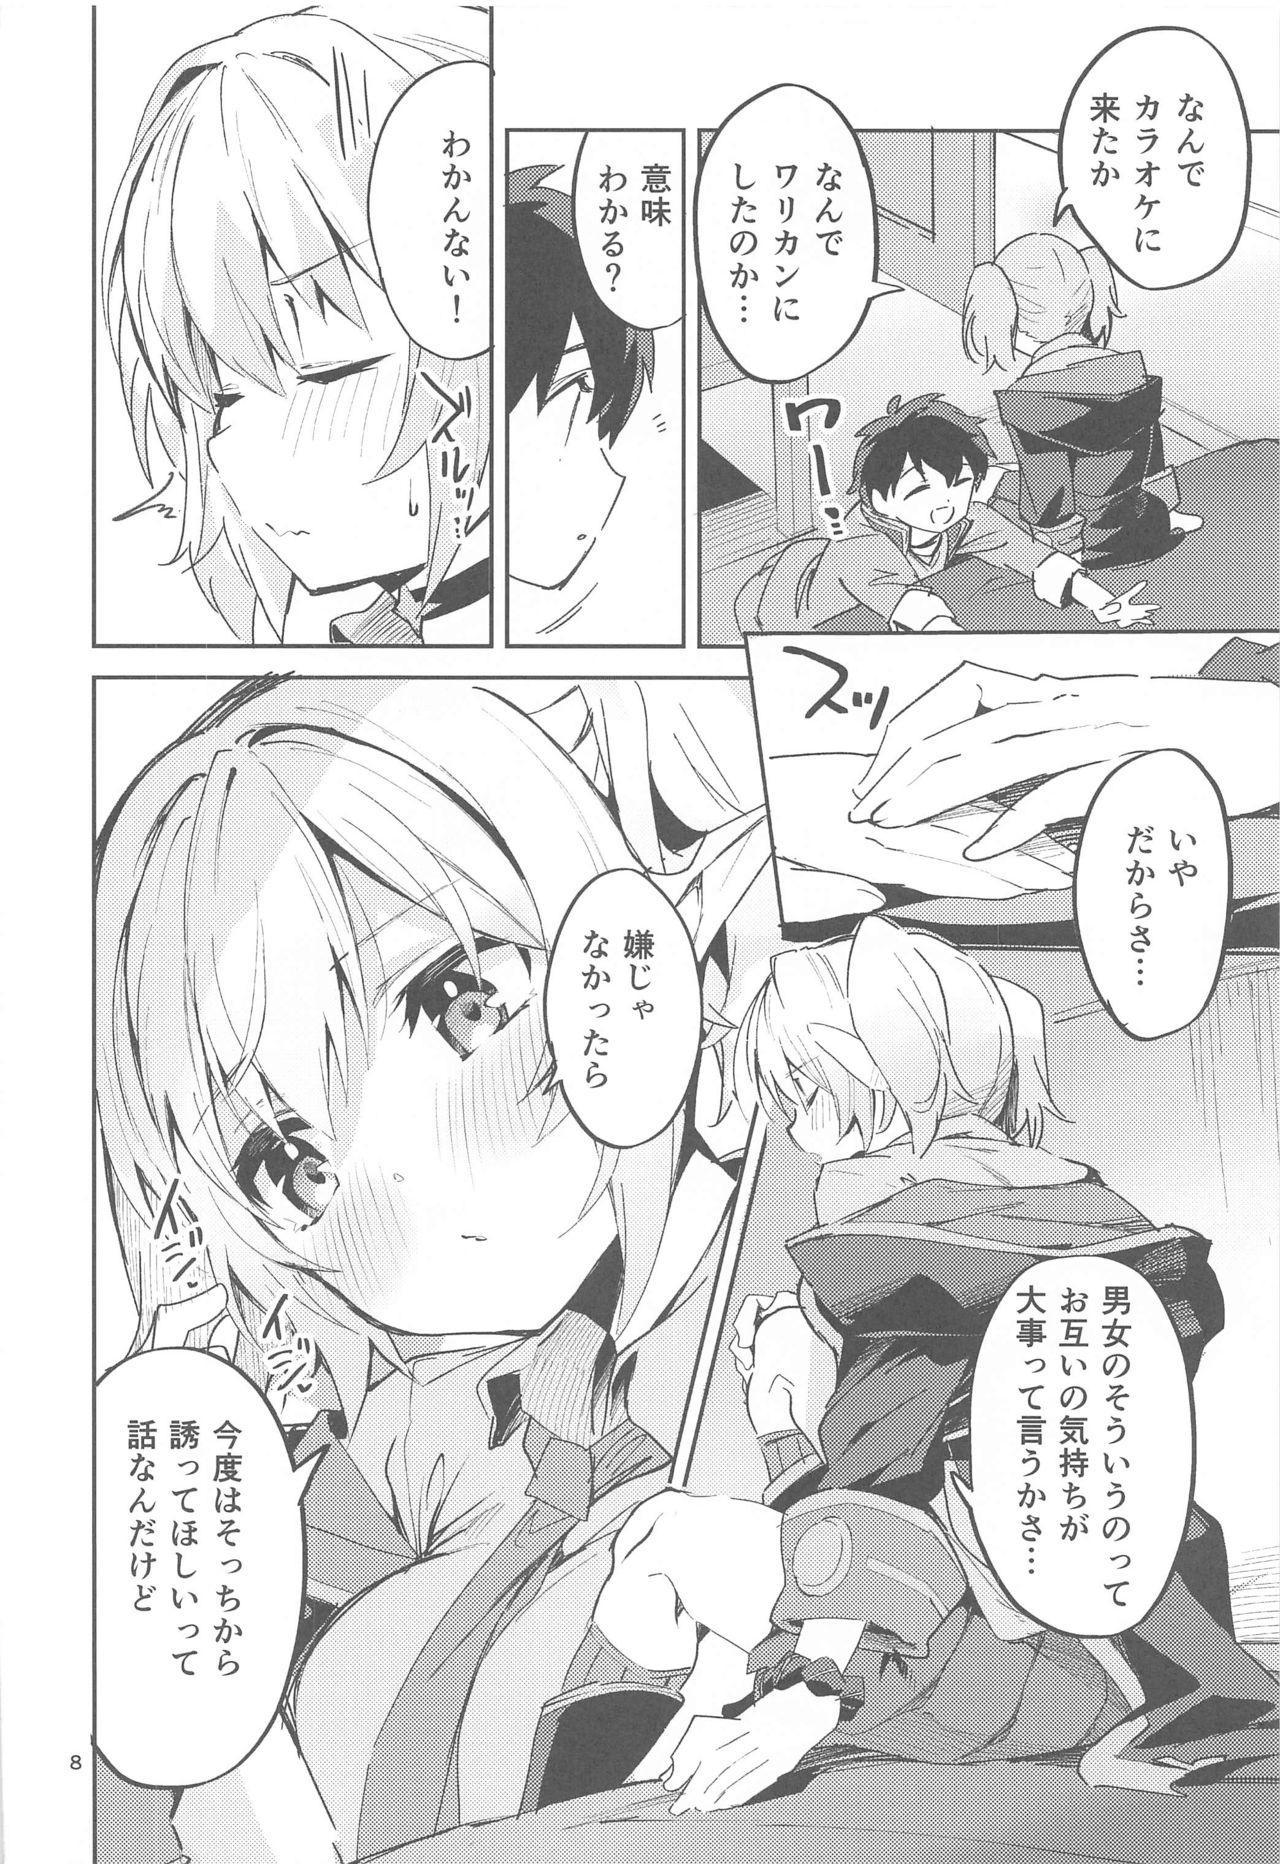 koiyakuhakuchiniamashi 6